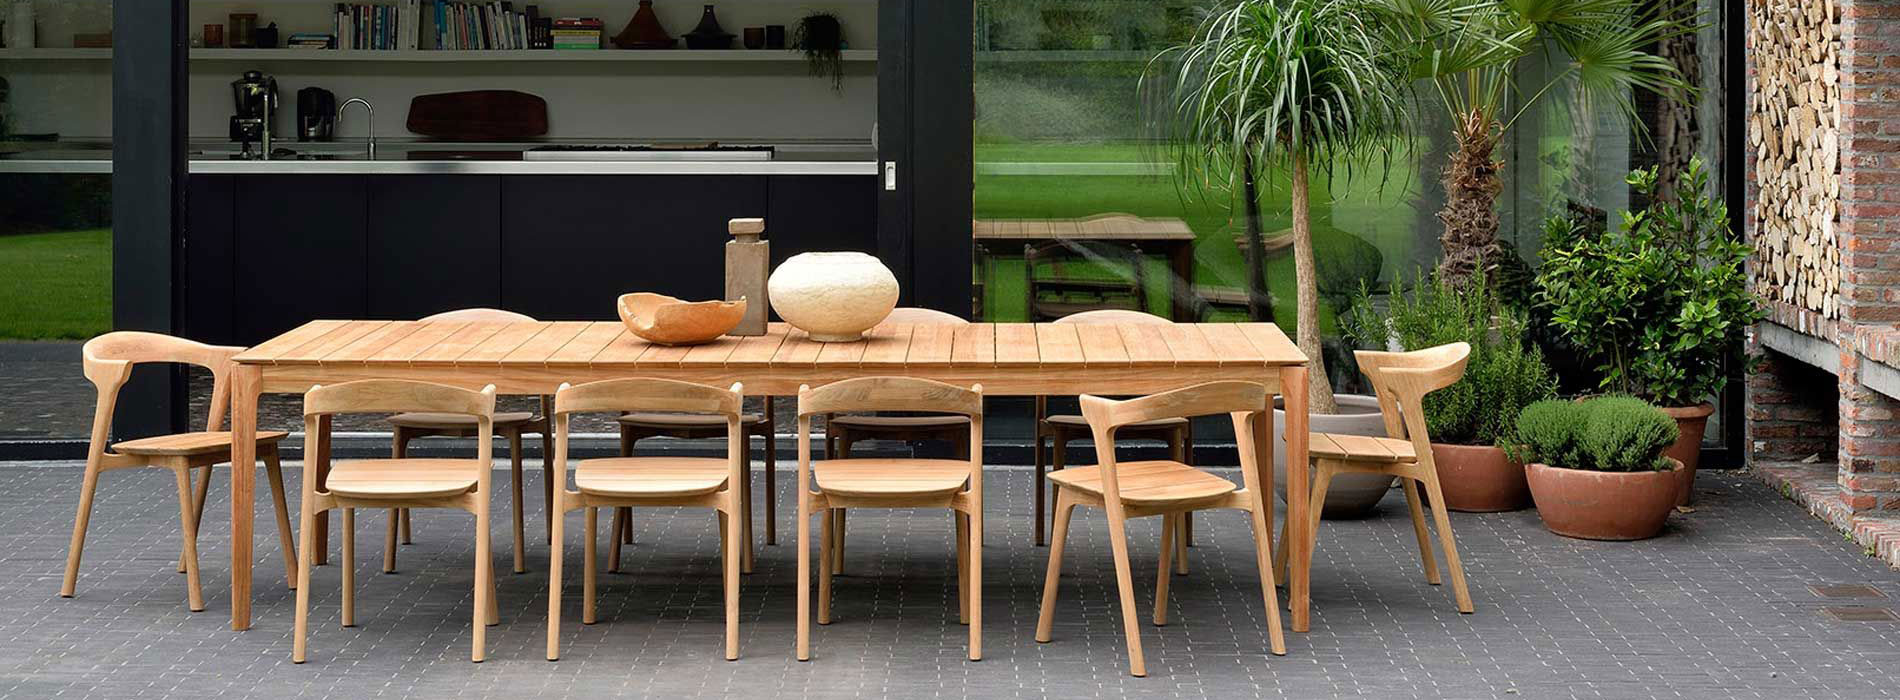 Gartentische & Stühle